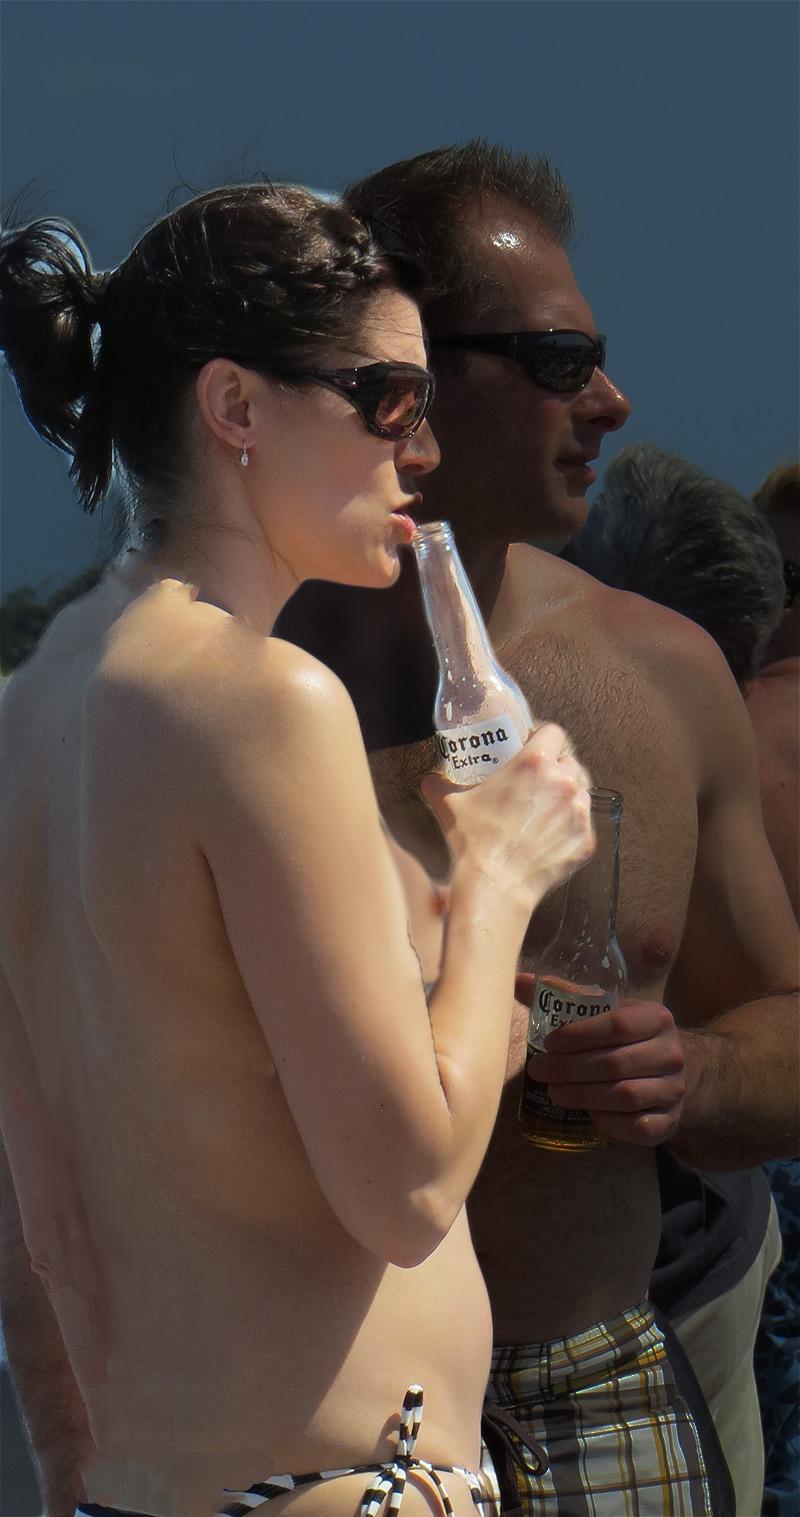 Topless Cruise Couple | Swingers Blog - Swinger Blog